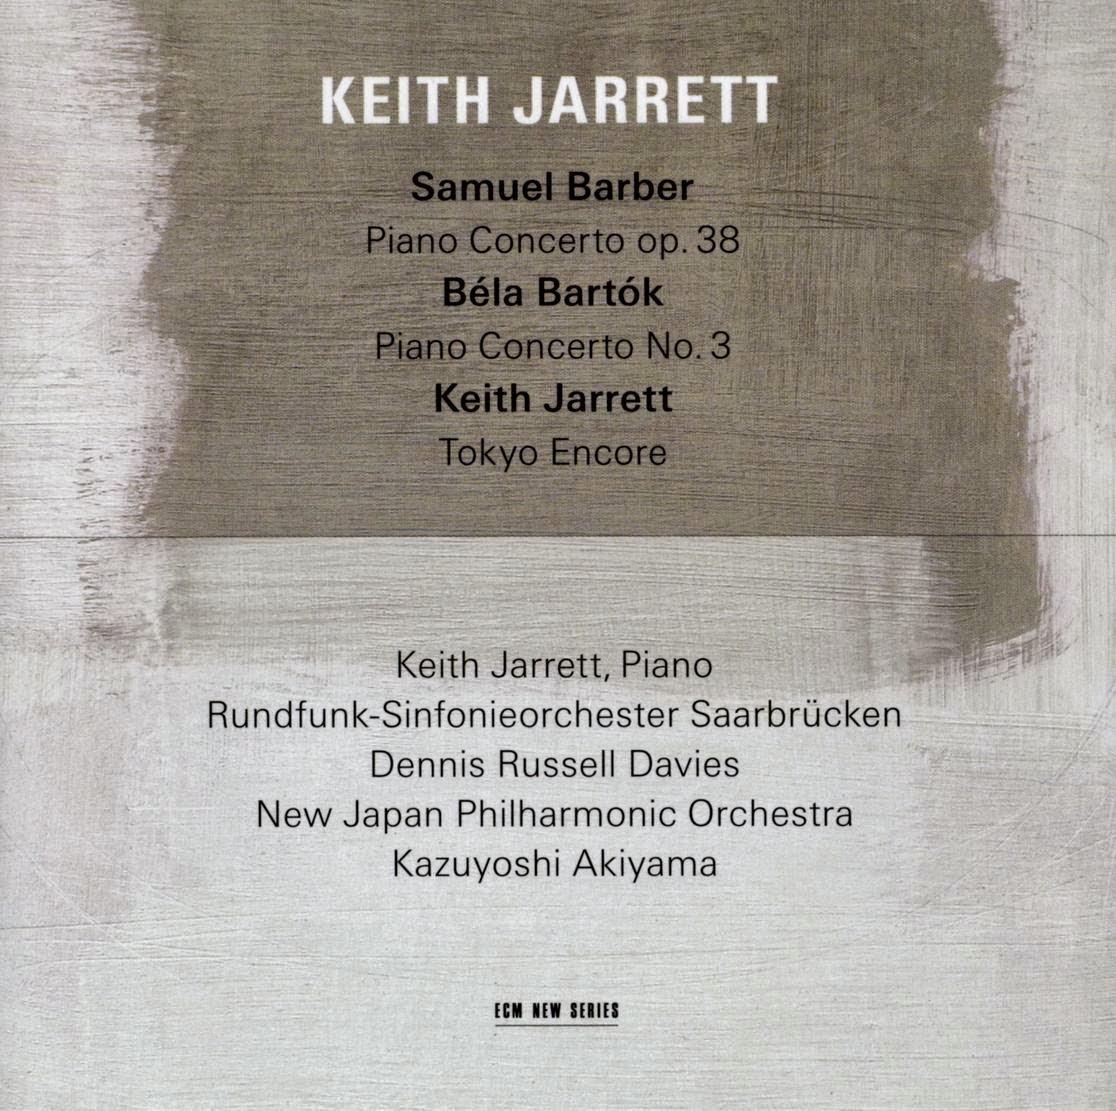 gapplegate classical modern music review keith jarrett barber  keith jarrett barber piano concerto bartok piano concerto no 3